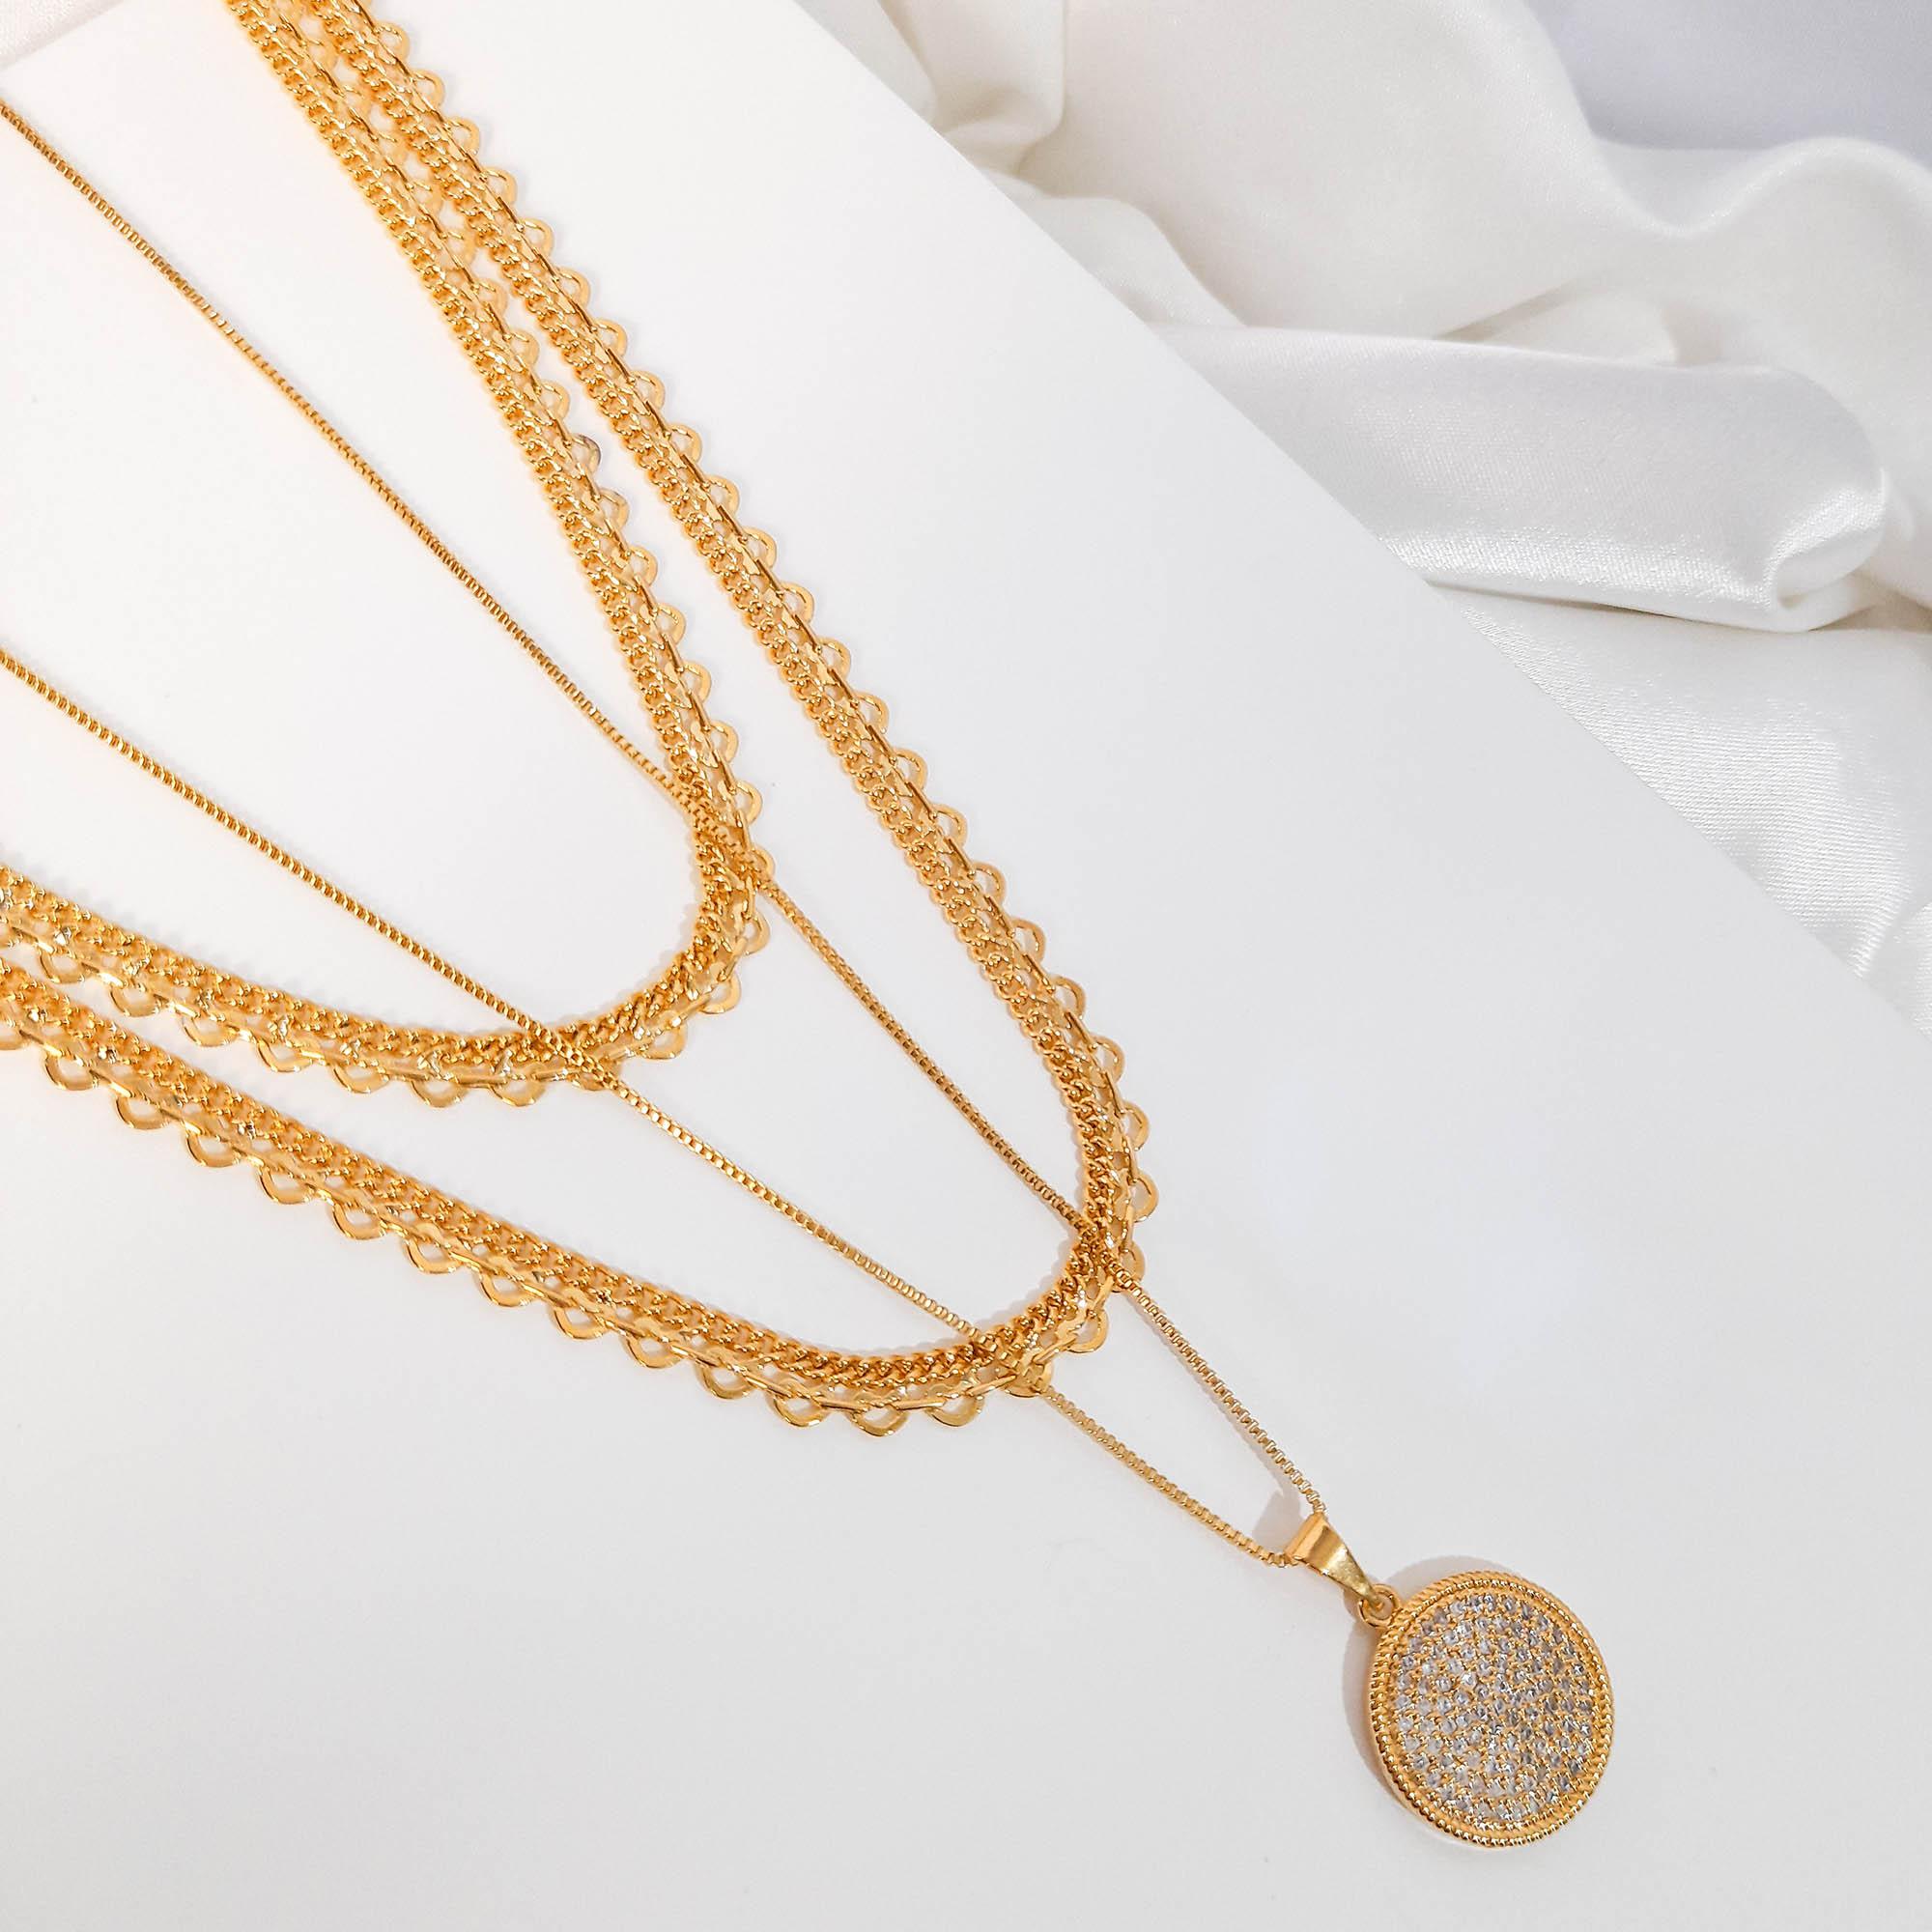 Colar Malha Grumet e Coração 40cm Folheado a Ouro 18k  - Lunozê Joias